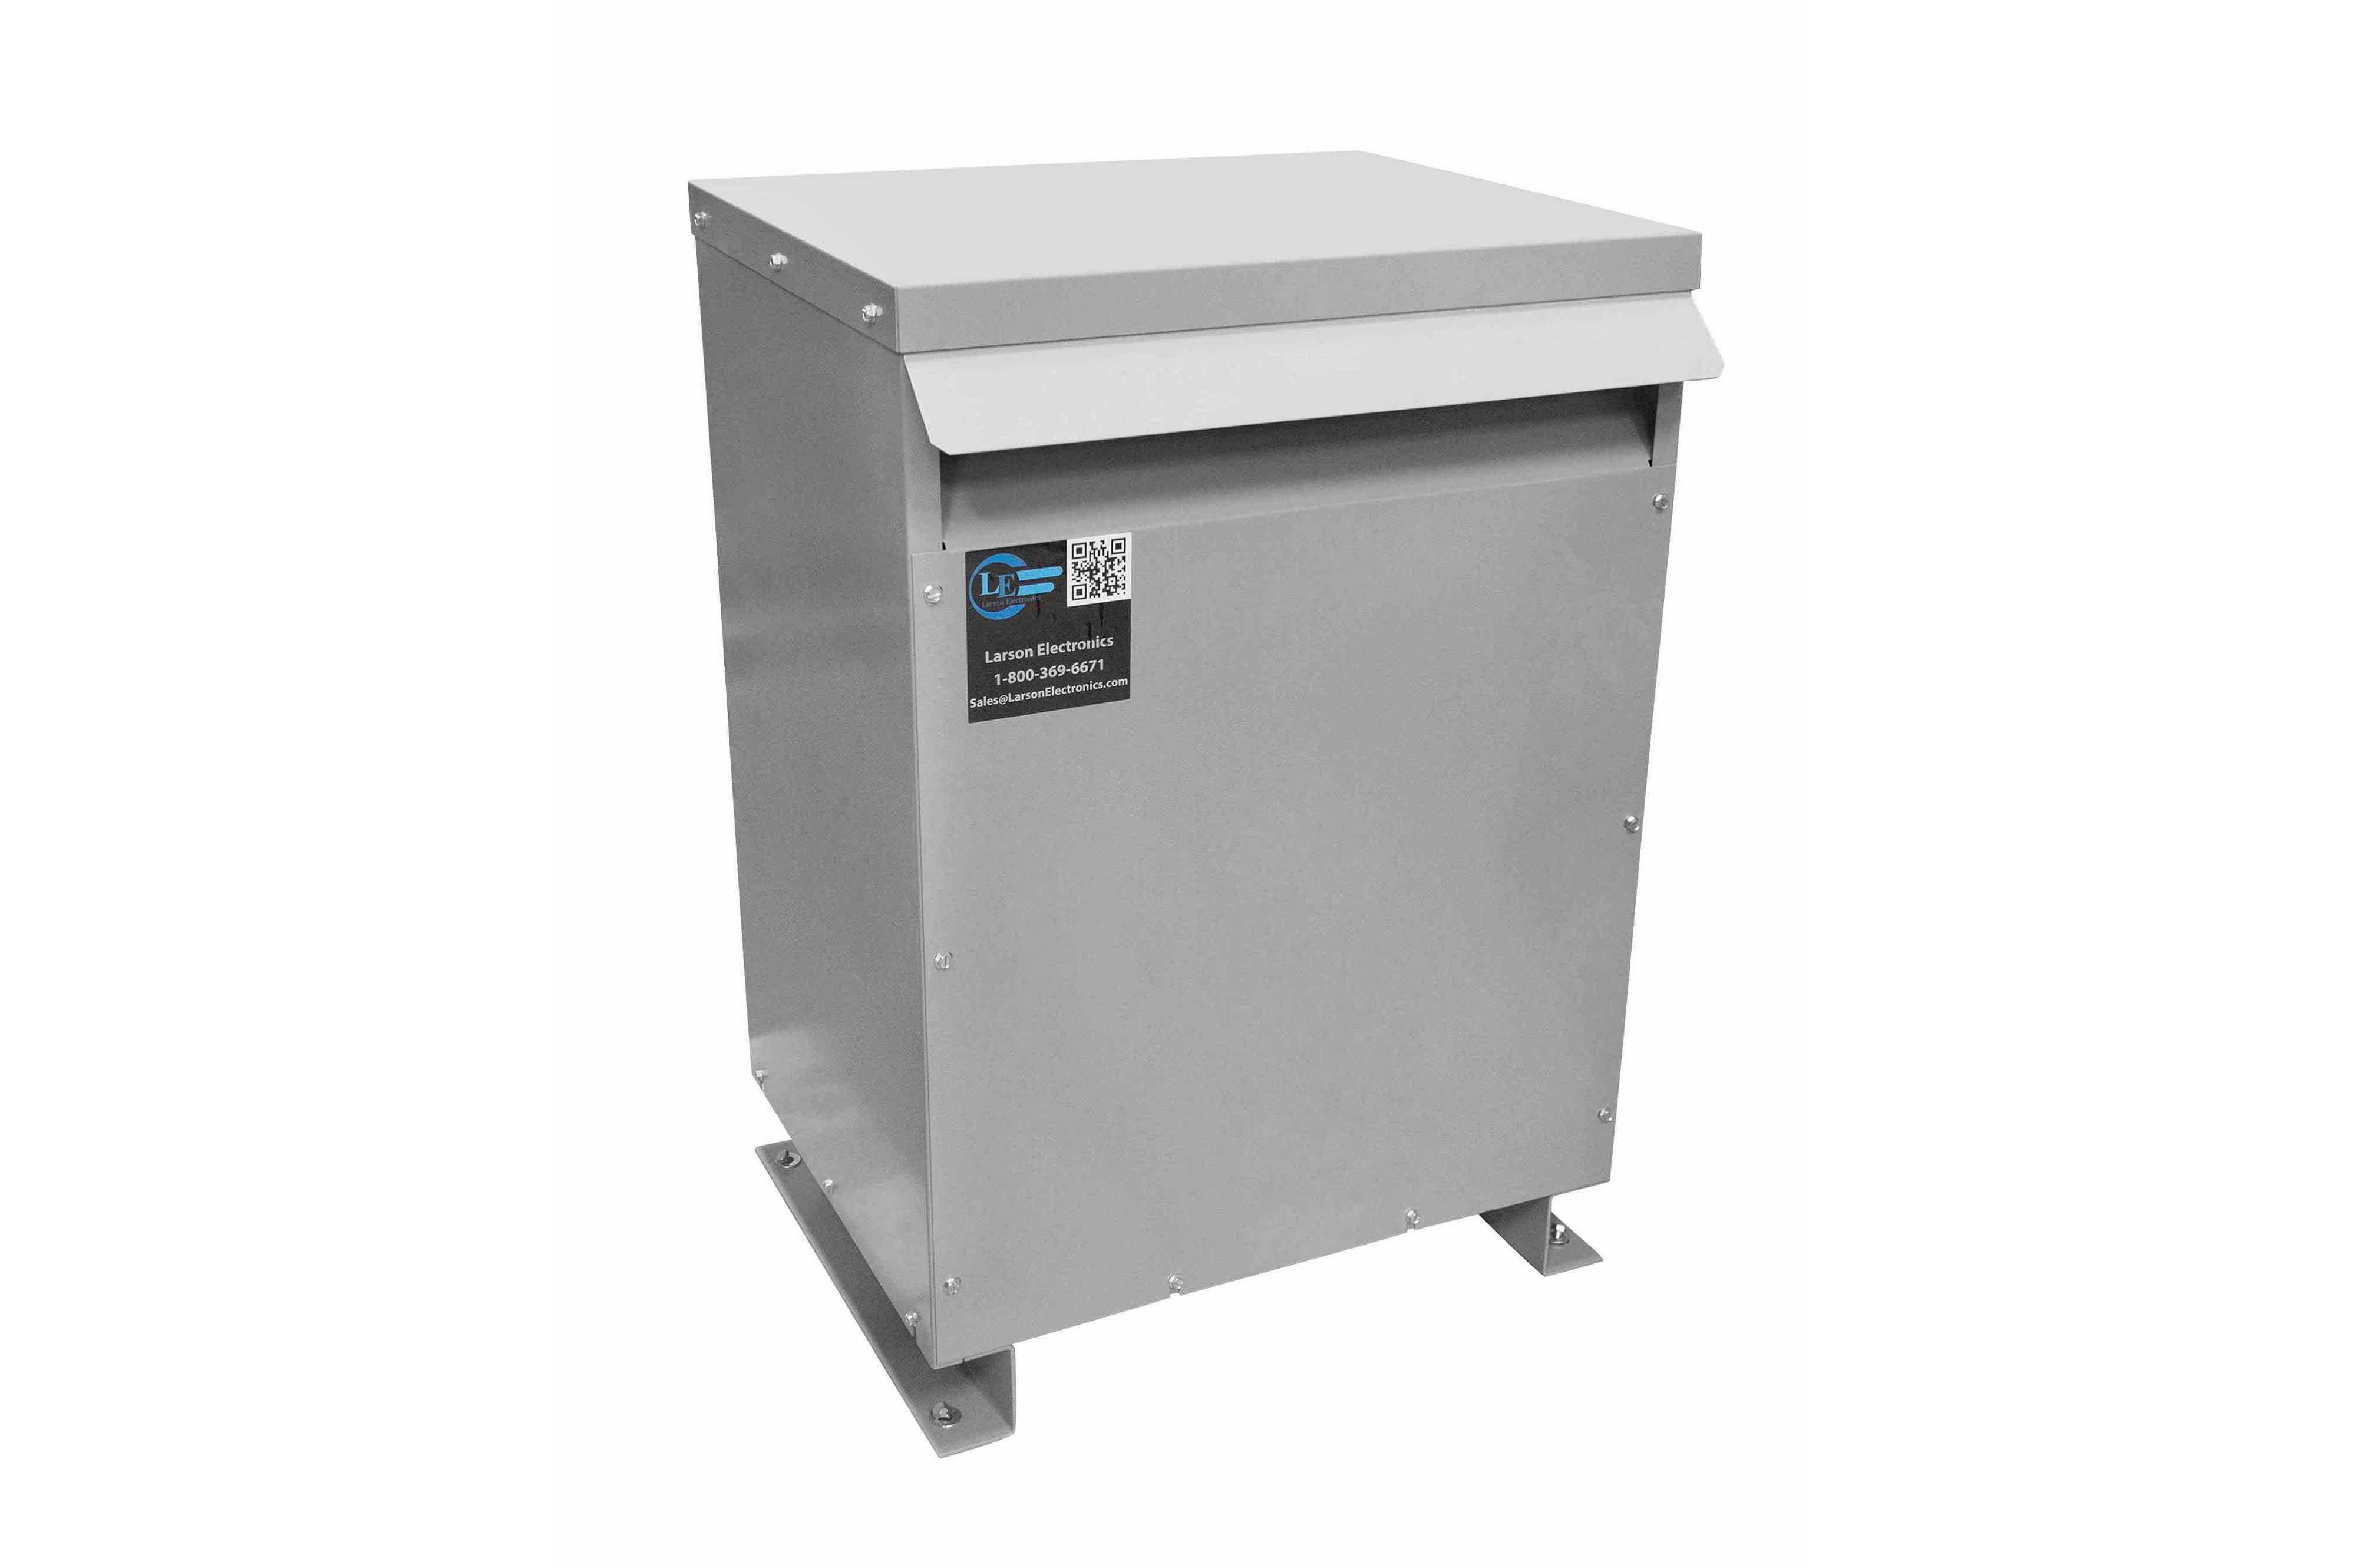 250 kVA 3PH Isolation Transformer, 575V Delta Primary, 480V Delta Secondary, N3R, Ventilated, 60 Hz